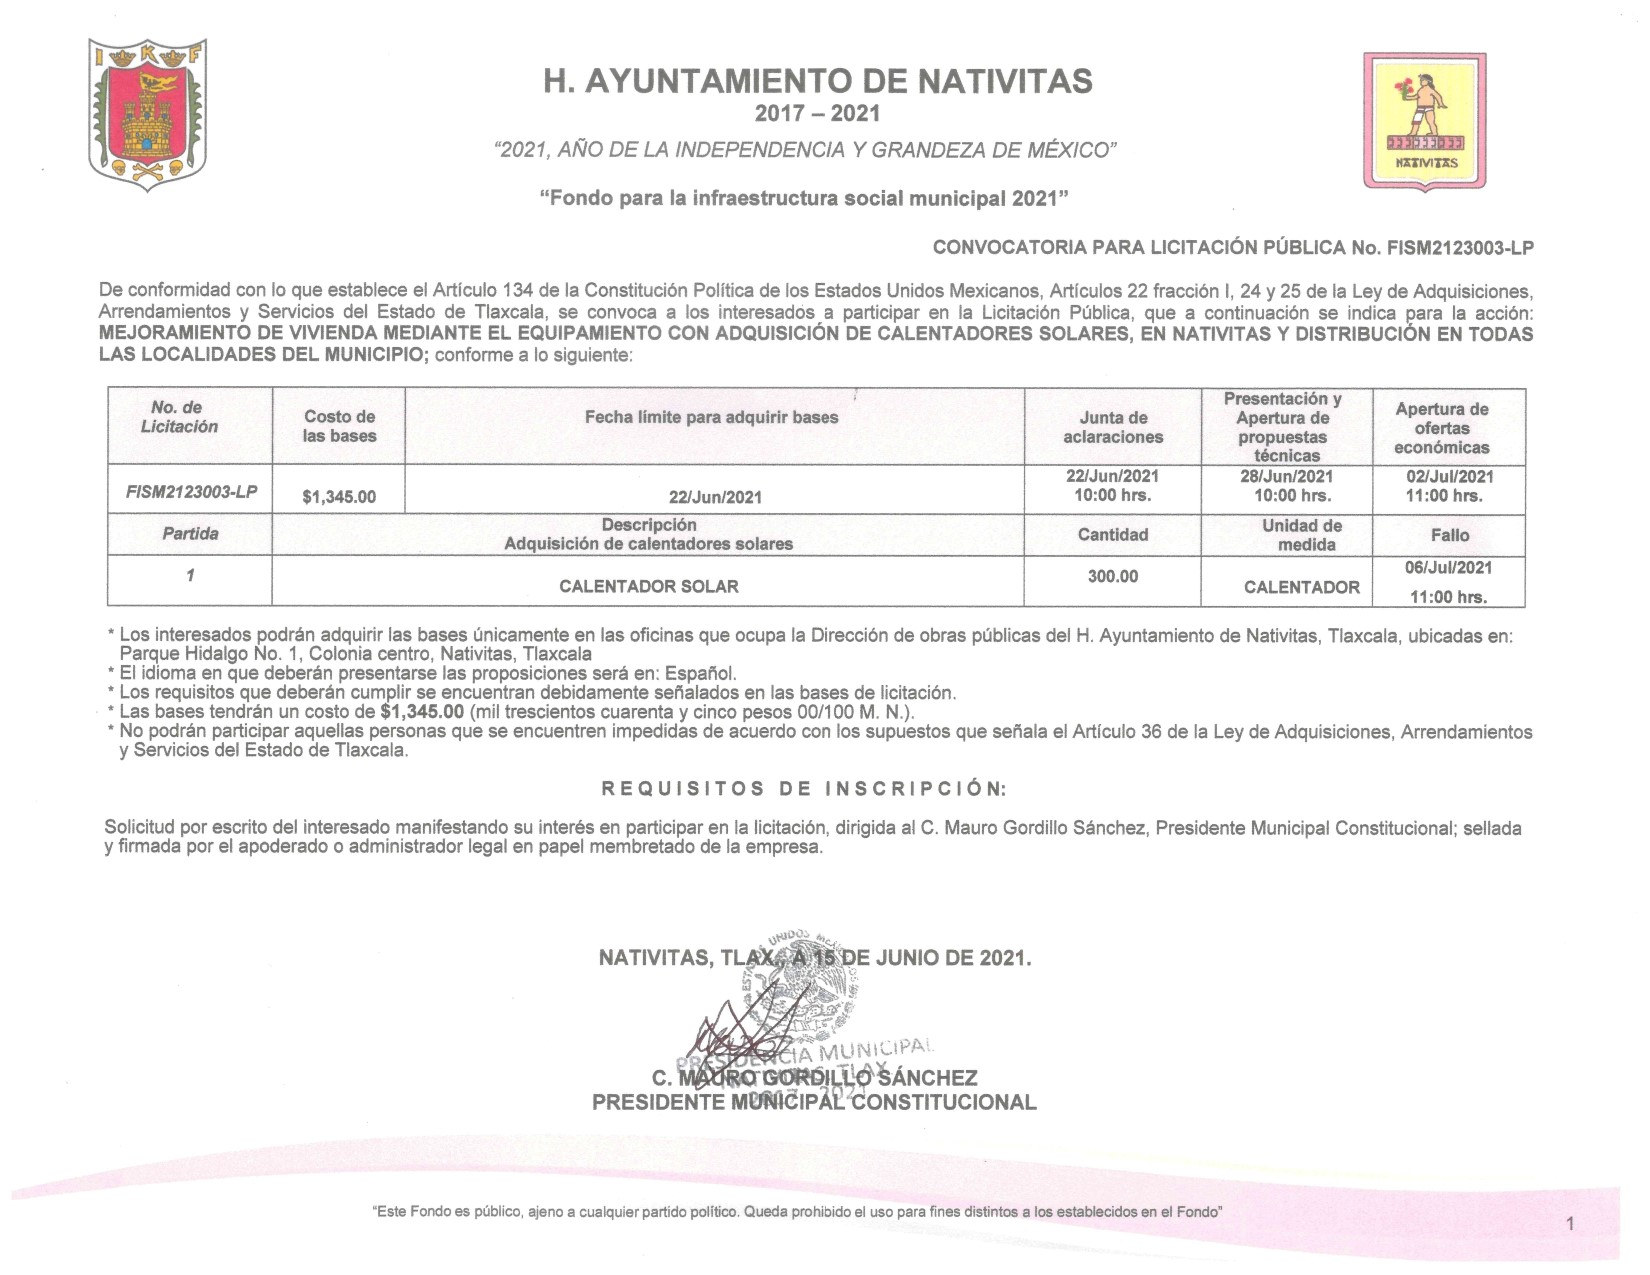 Ayuntamiento de Nativitas publica licitación para adquisición de calentadores solares